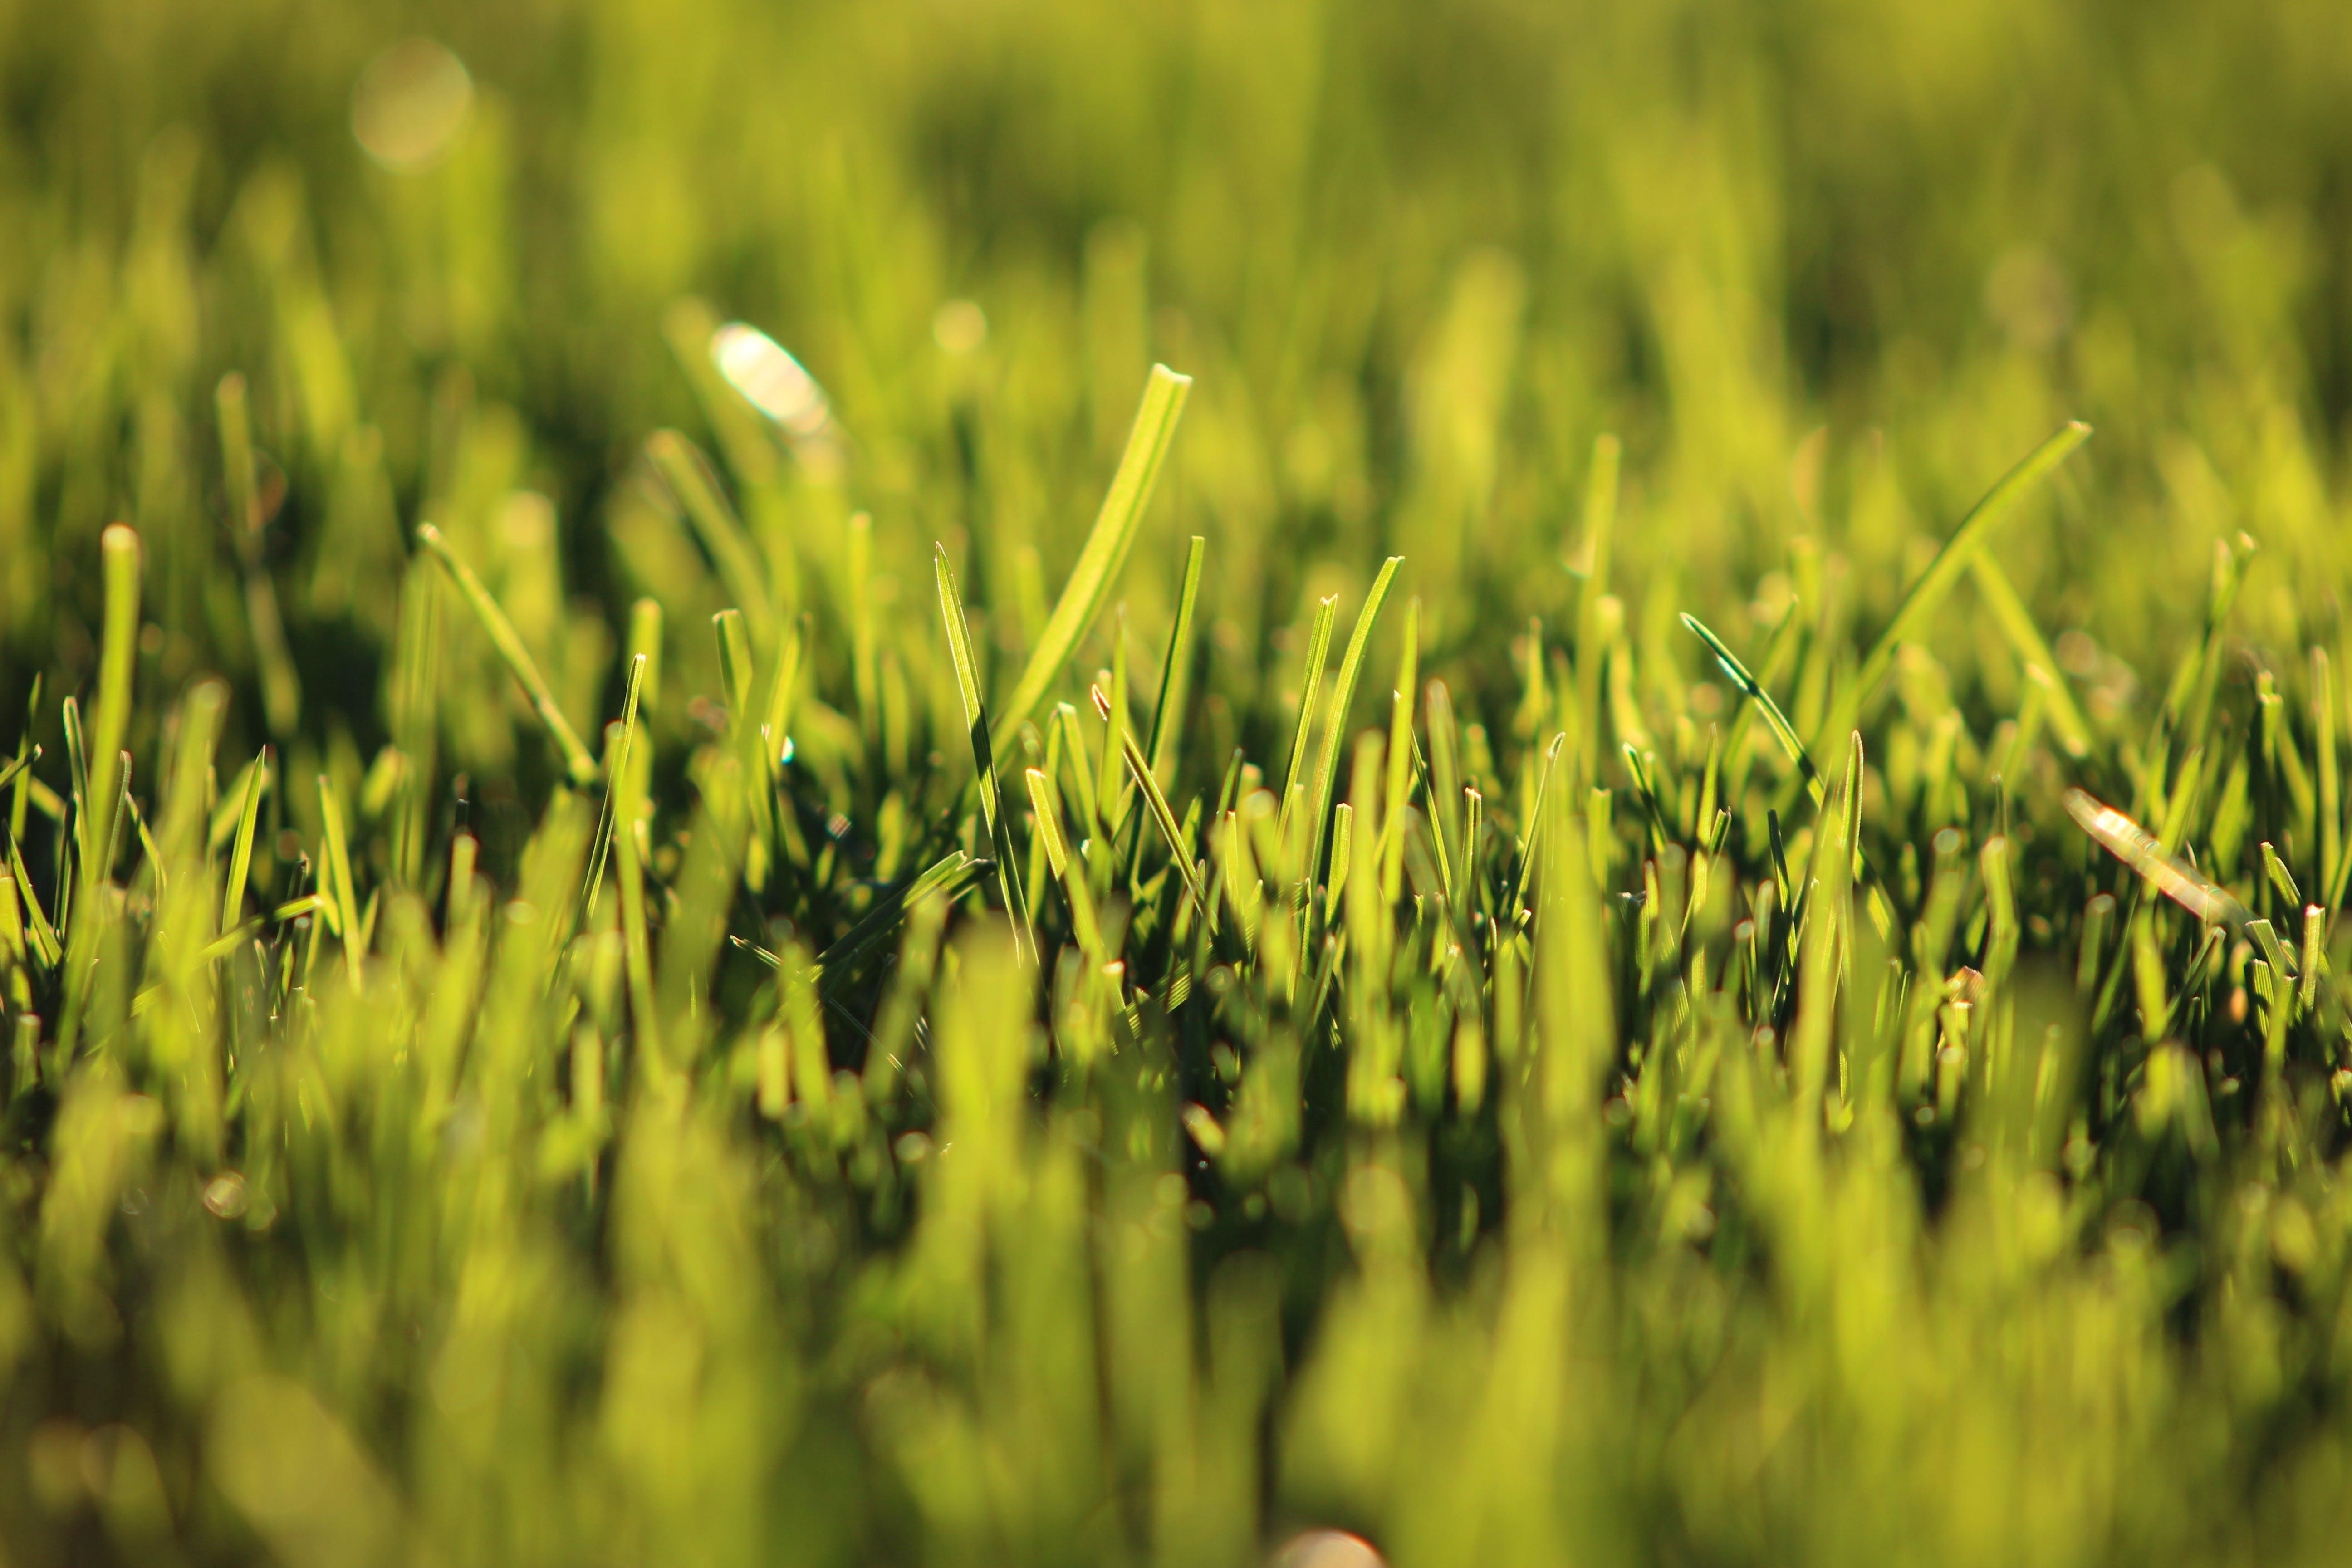 Fotos de stock gratuitas de brizna de hierba, campo, campo de hierba, césped